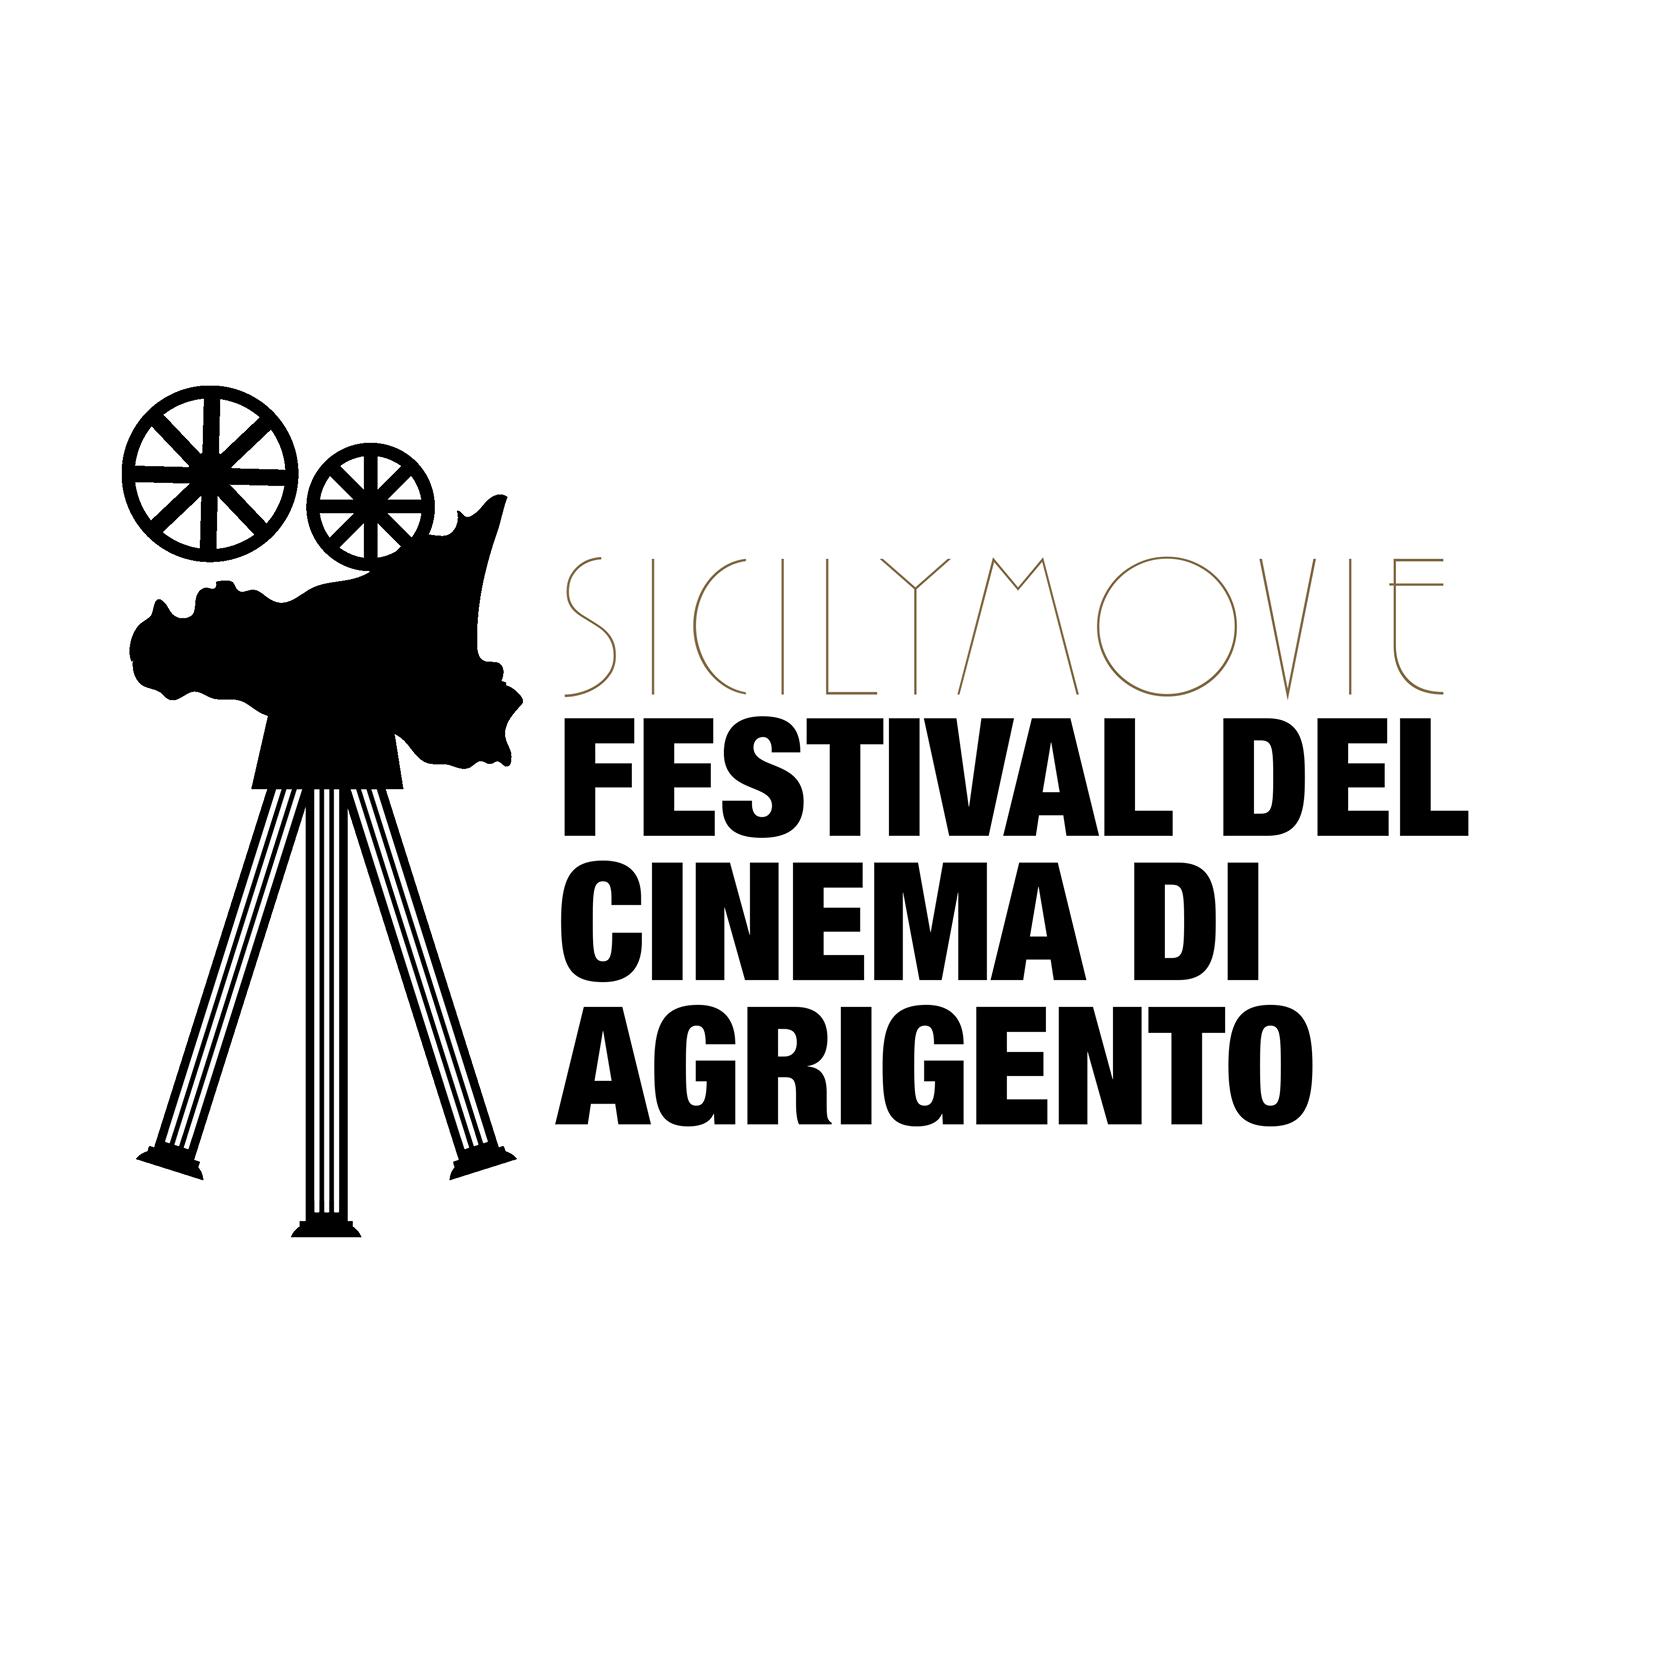 Sicilymovie - festival del cinema di Agrigento, ce ne parla Marco Gallo - direttore artistico